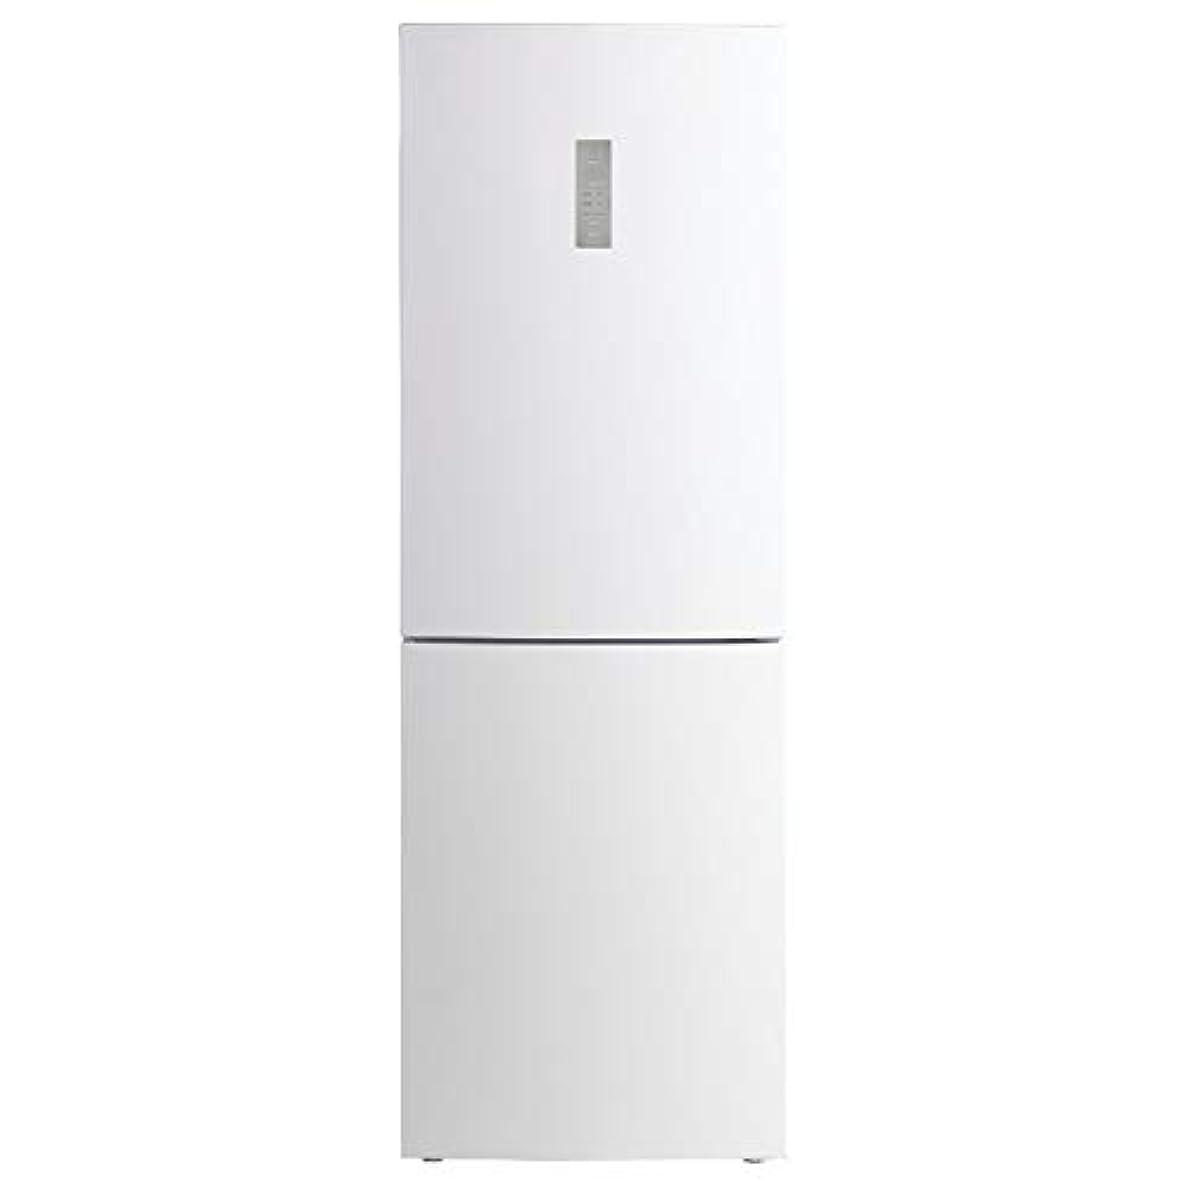 ラリーしわ中にmaxzen 冷蔵庫 46L 1ドアミニ冷蔵庫 一人暮らし 左開き 右開き コンパクト 小型 左右付け替えドア ガンメタリック JR046ML01GM